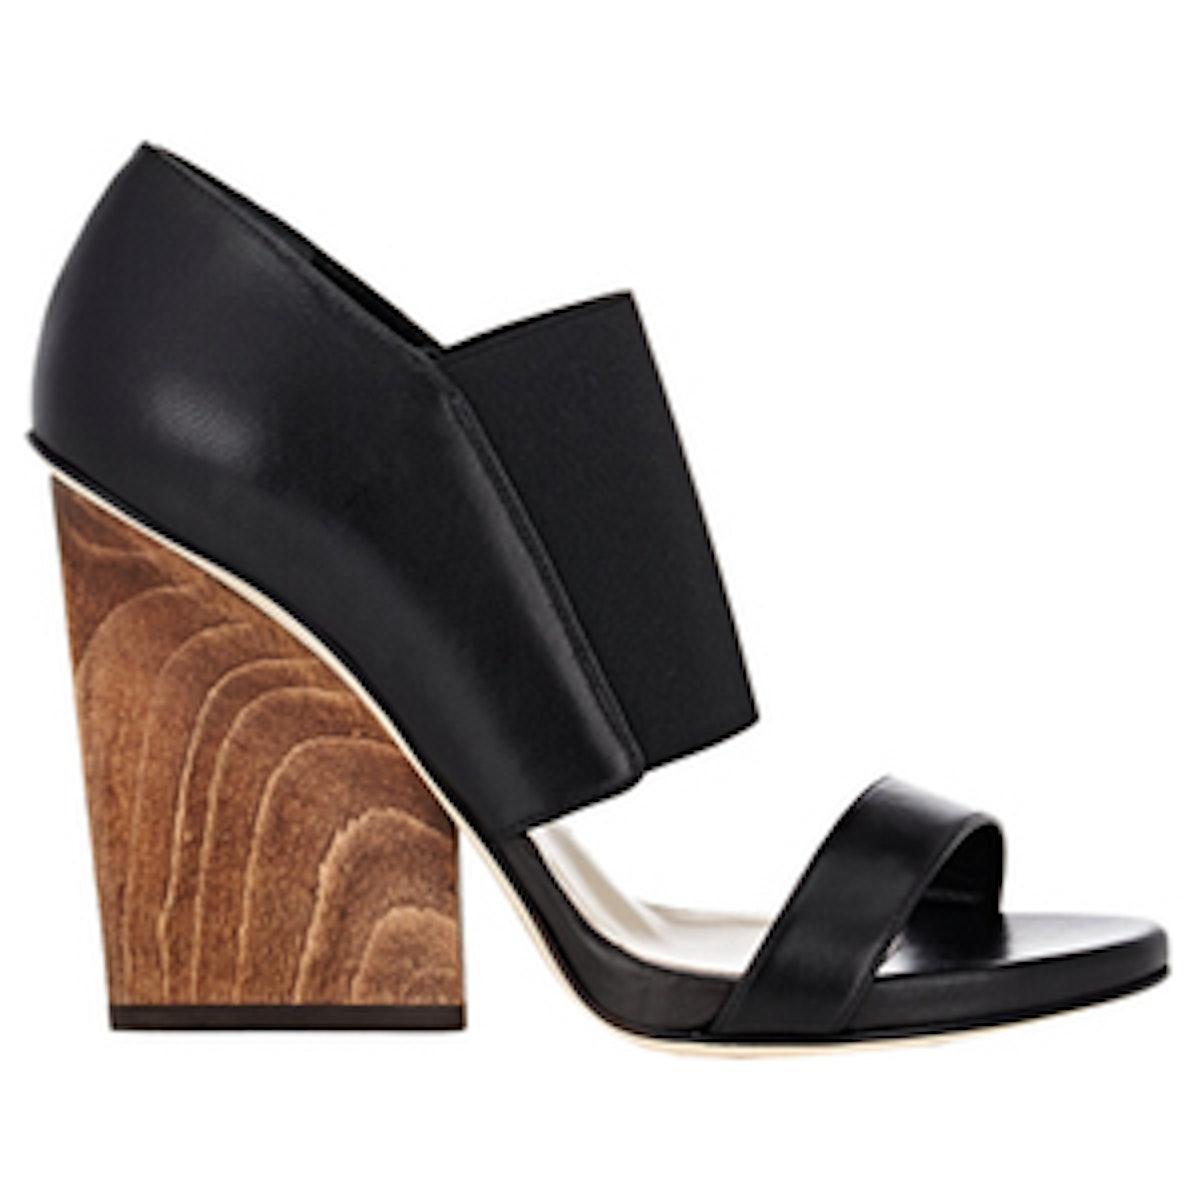 Wooden Wedge-Heel Sandals